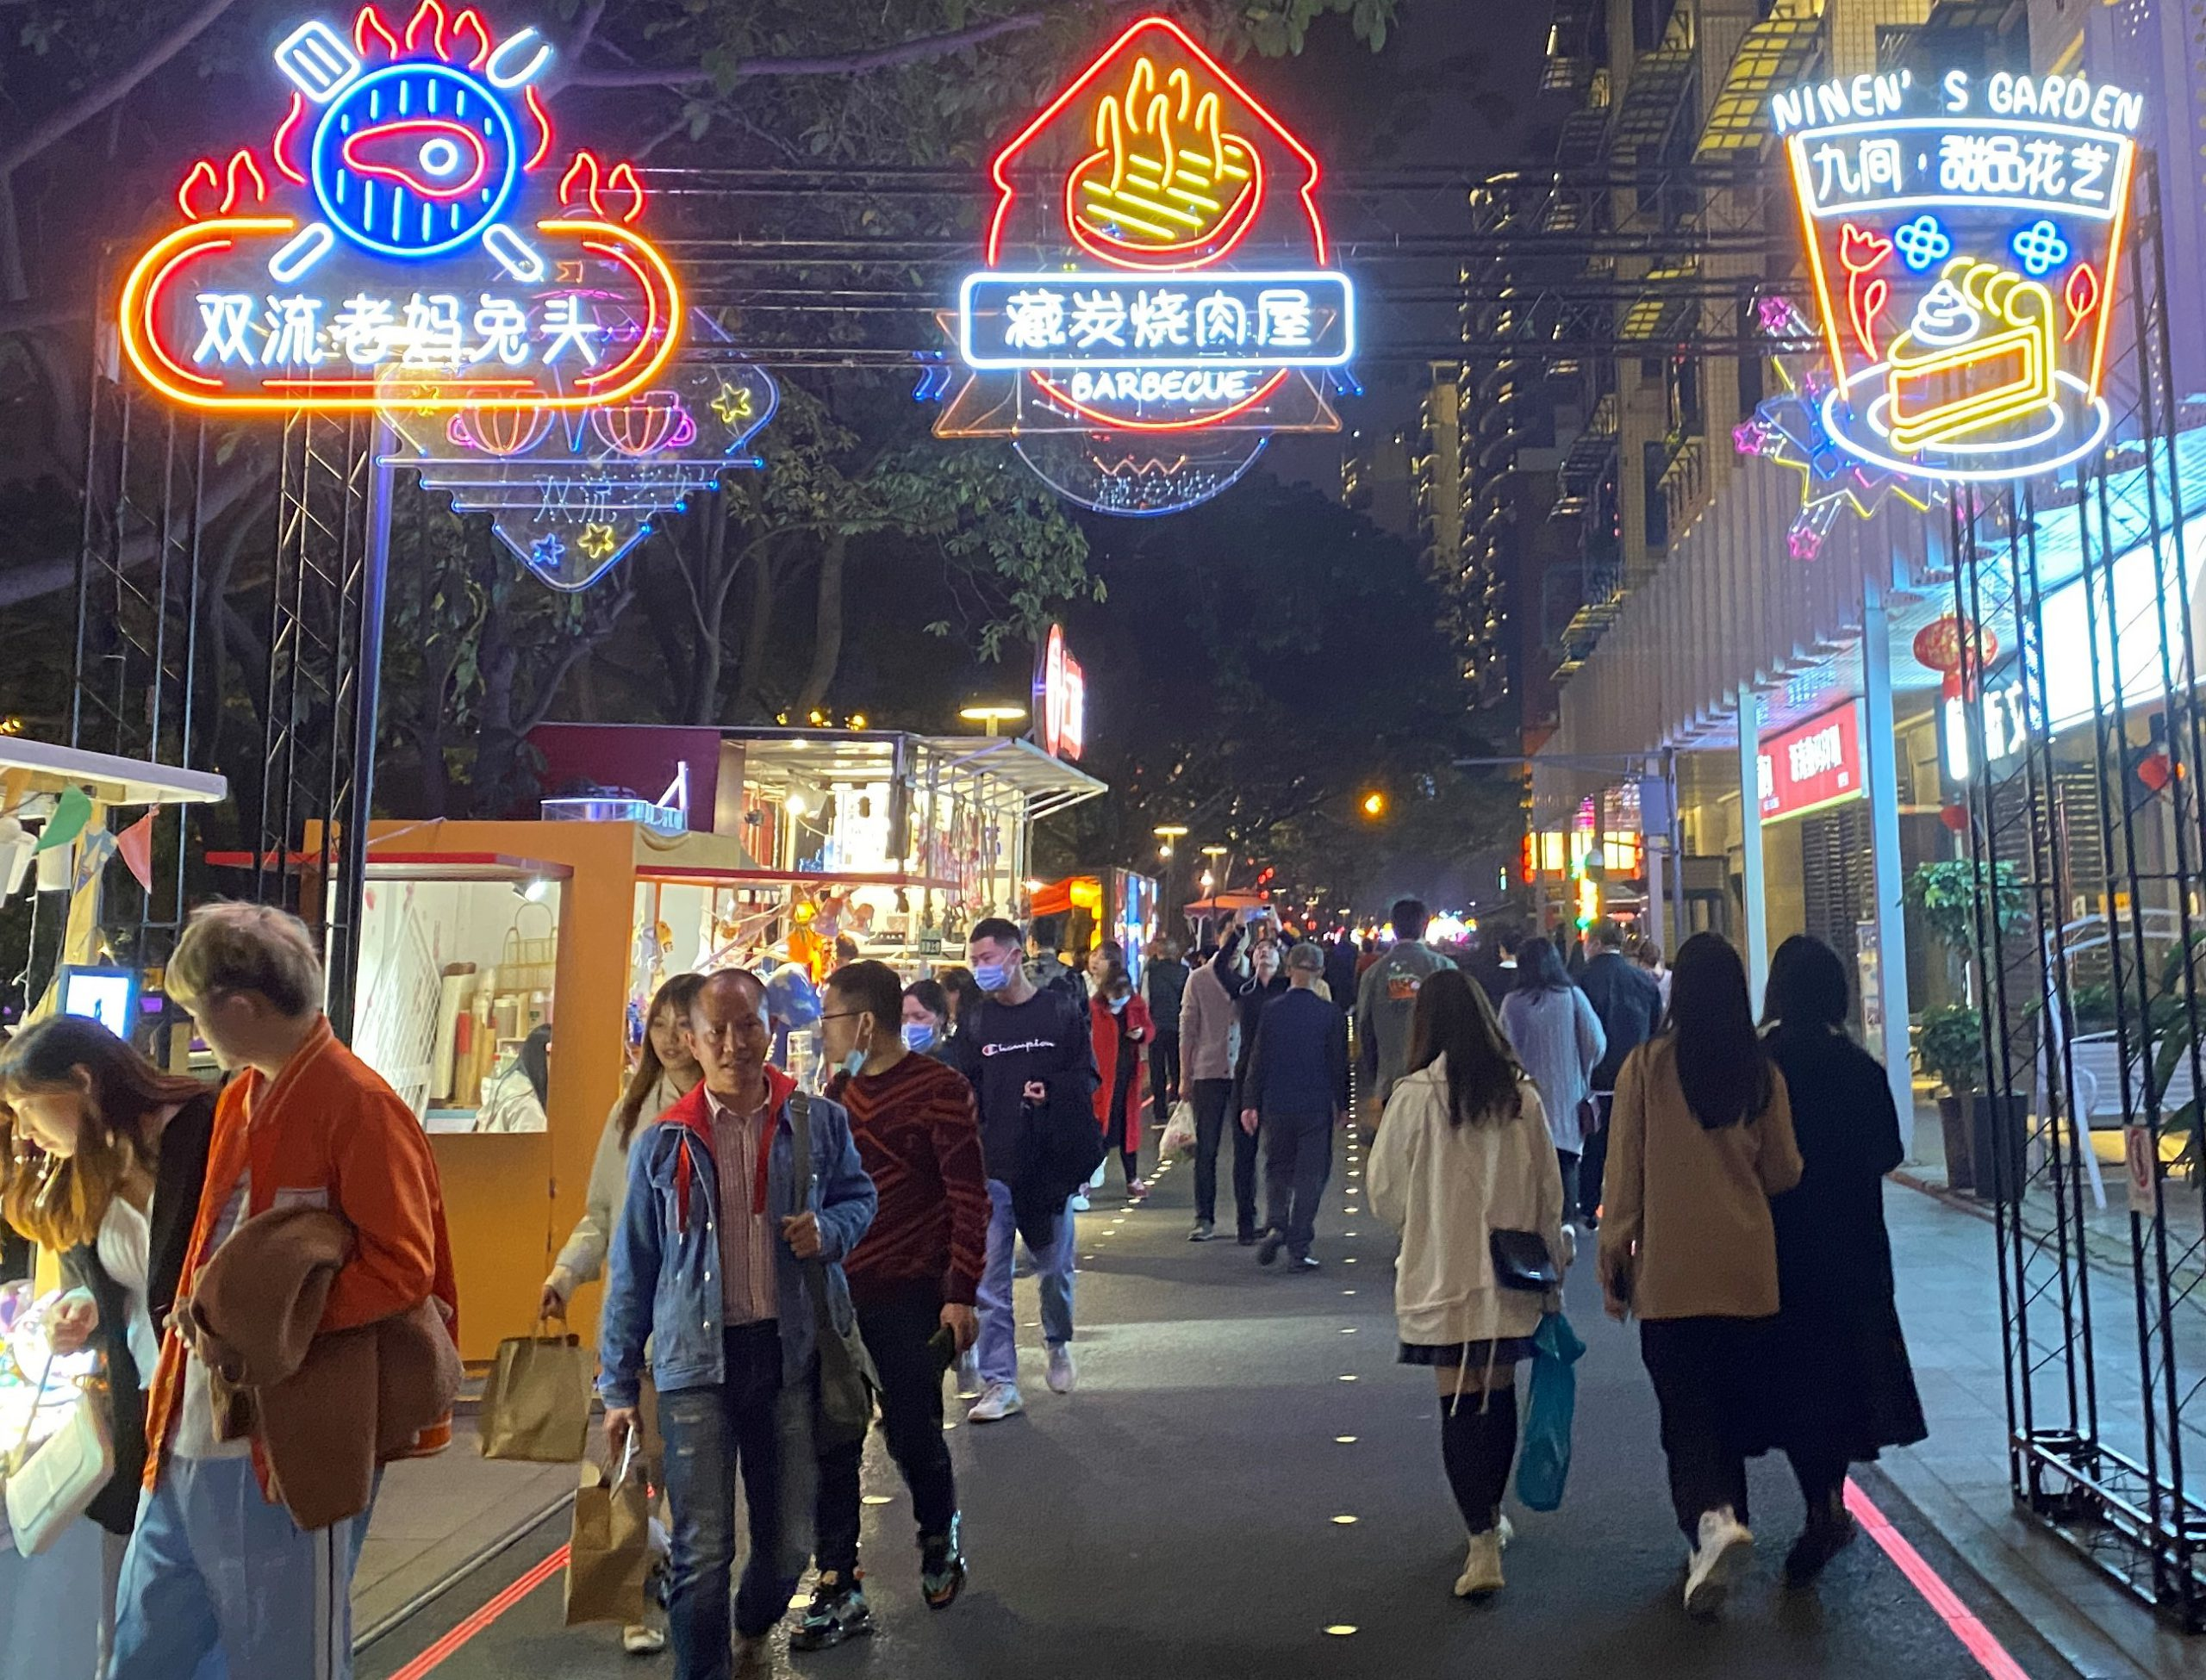 十二月市場-猛嘴湾-東風大橋-錦江川-成都-四川